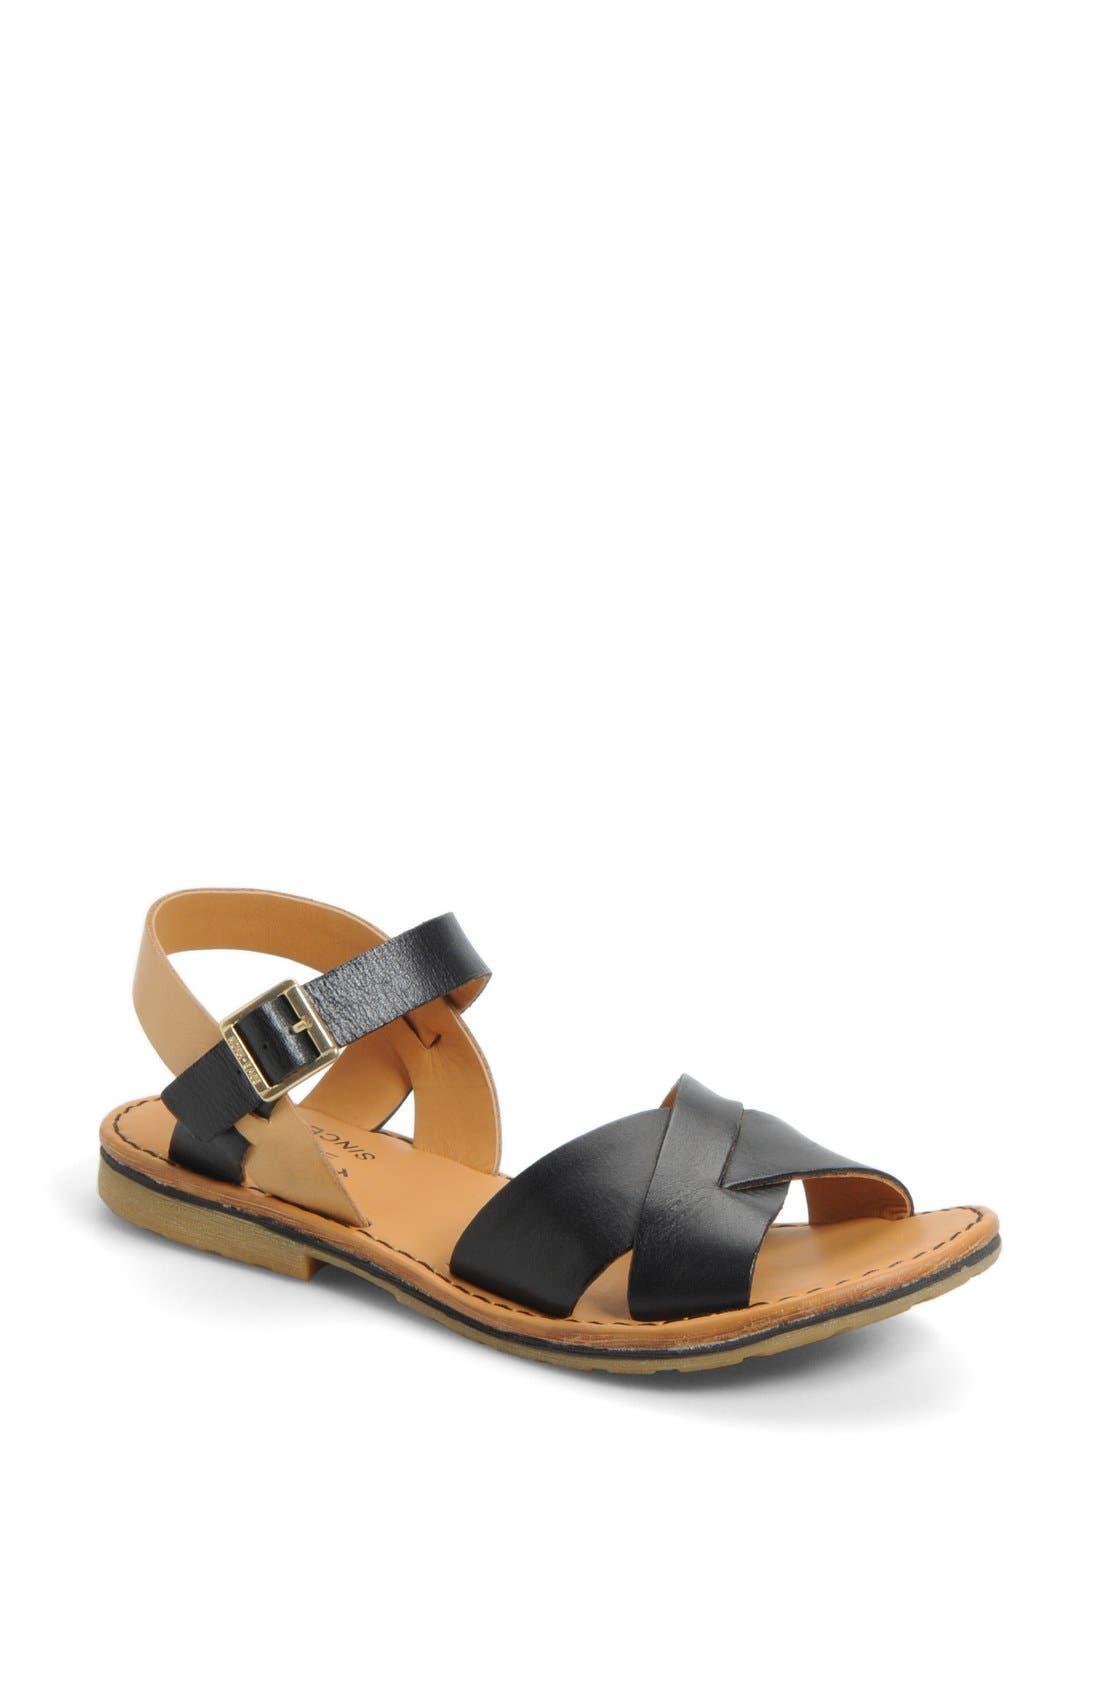 Alternate Image 1 Selected - Kork-Ease® 'Corine' Sandal (Women)